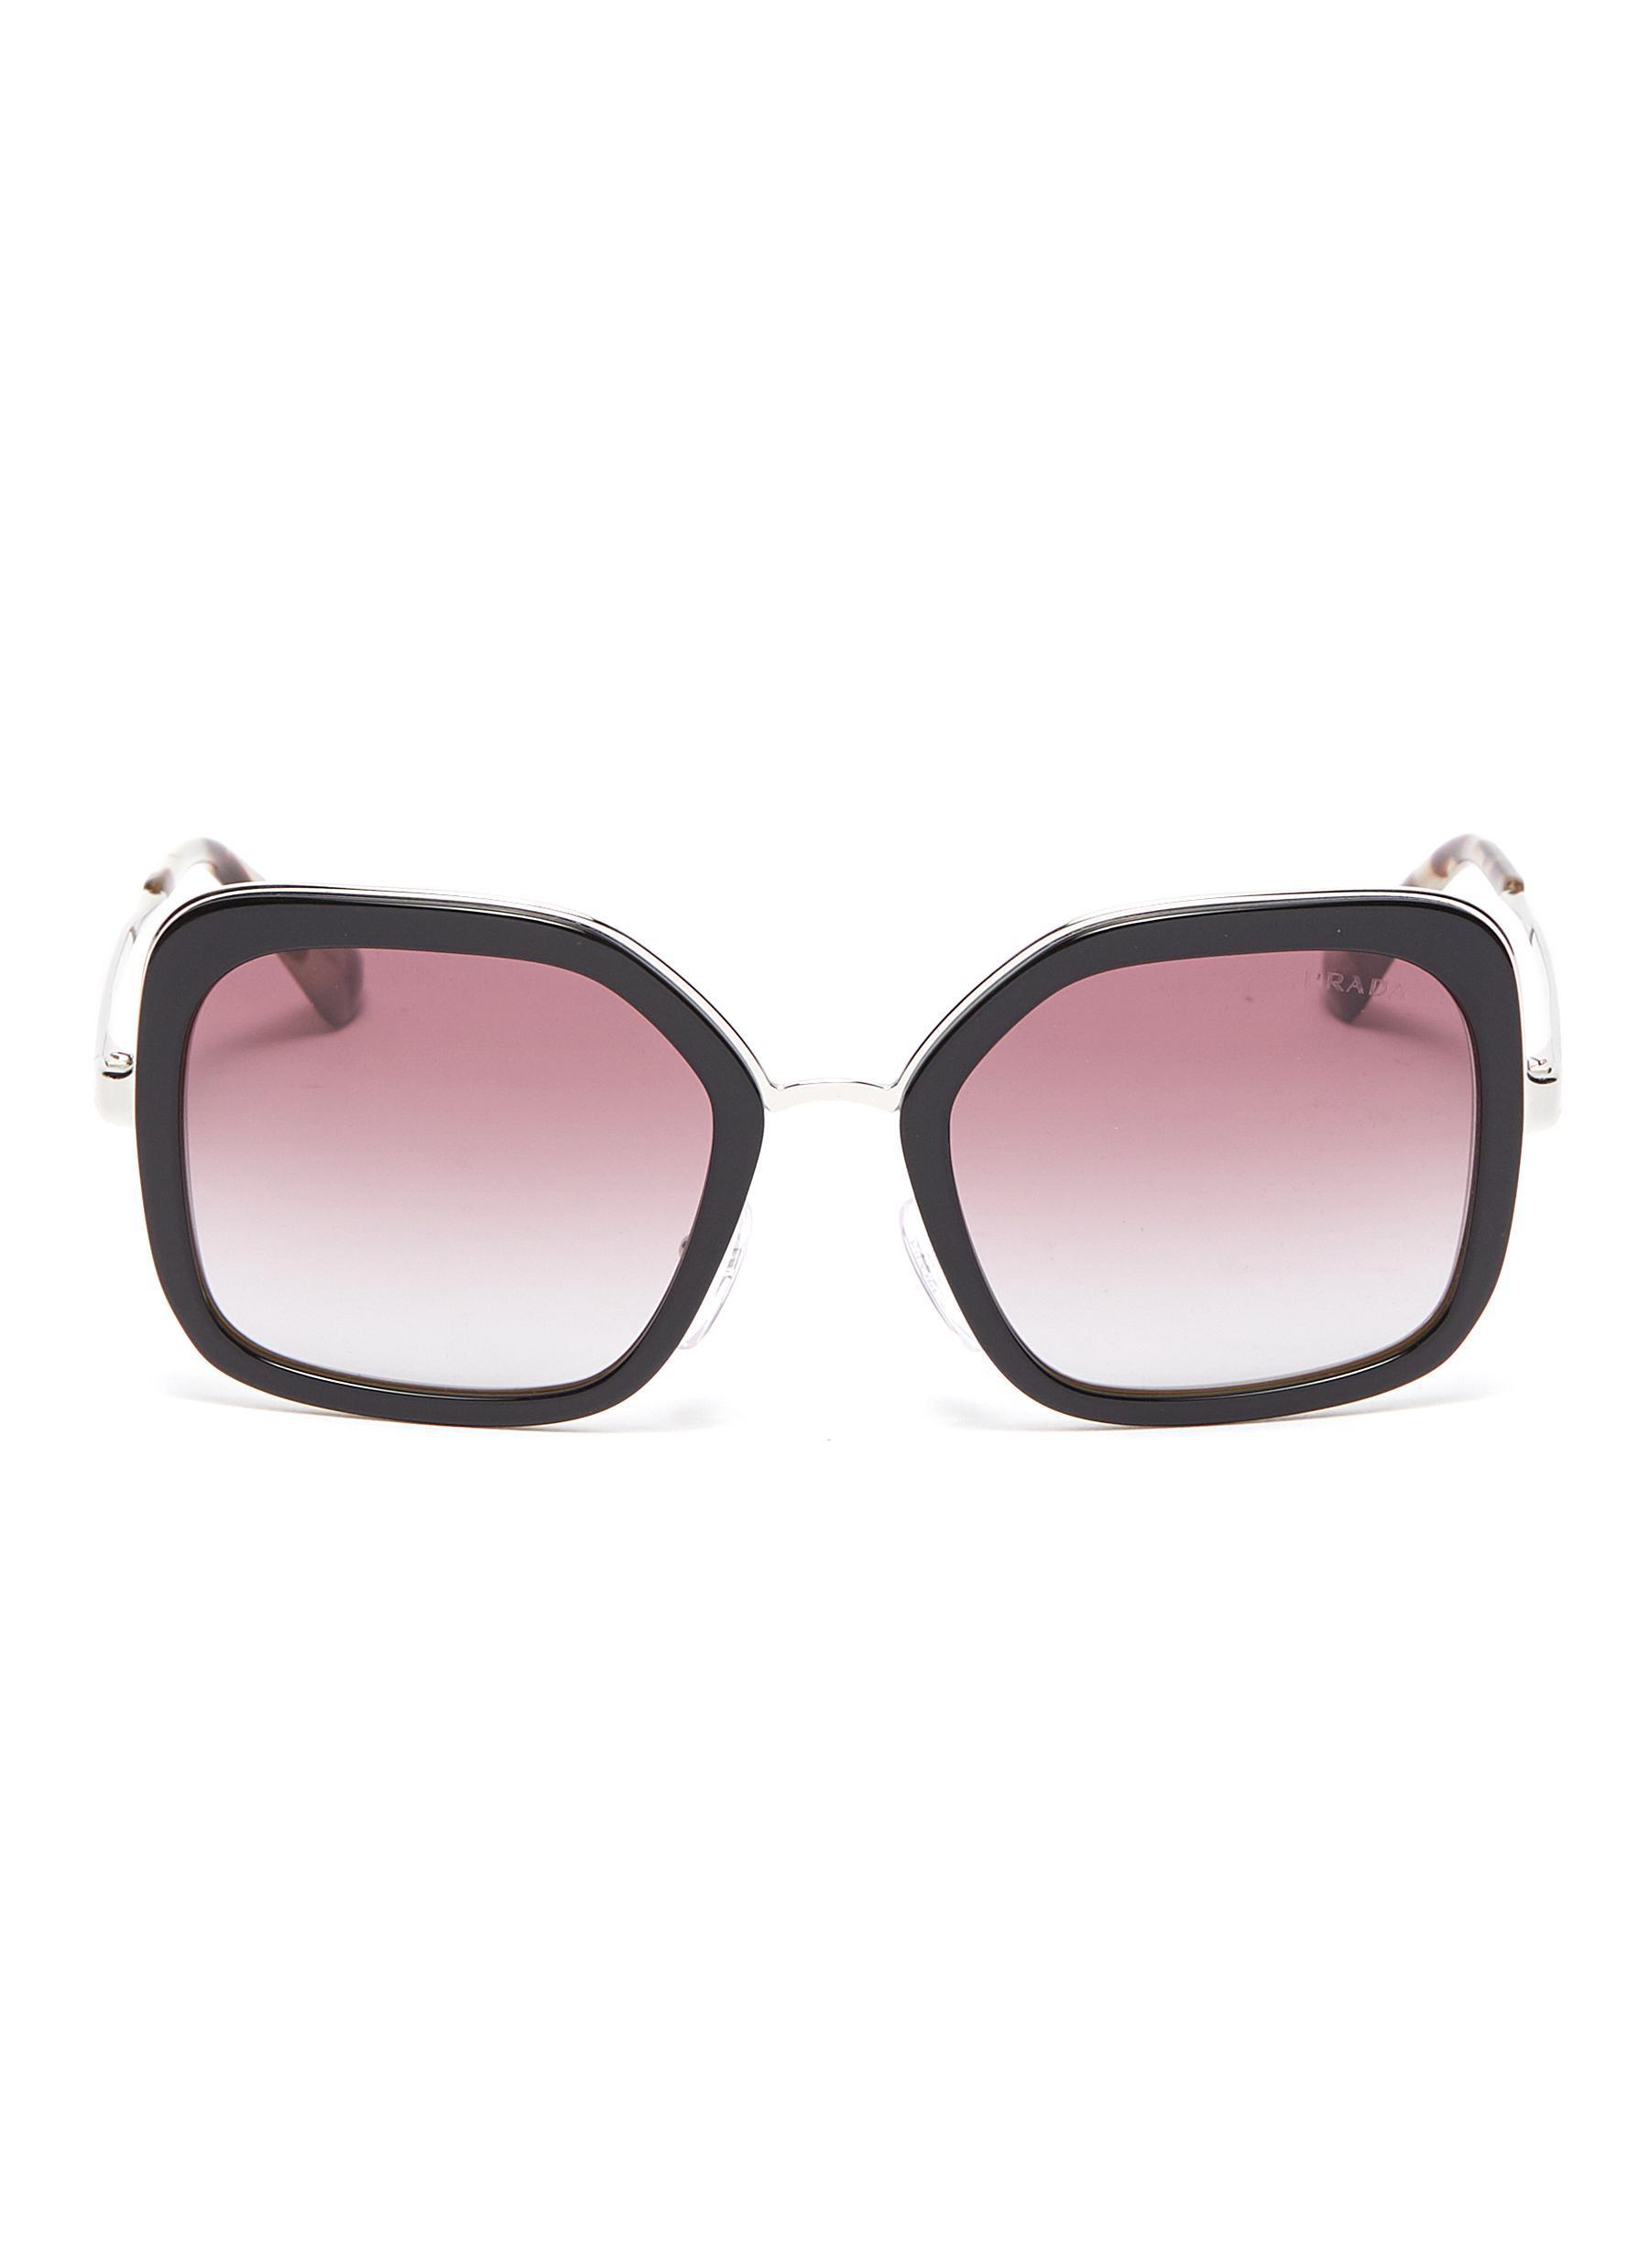 14644cec76 Lyst - Prada Acetate Rim Metal Square Sunglasses in Black